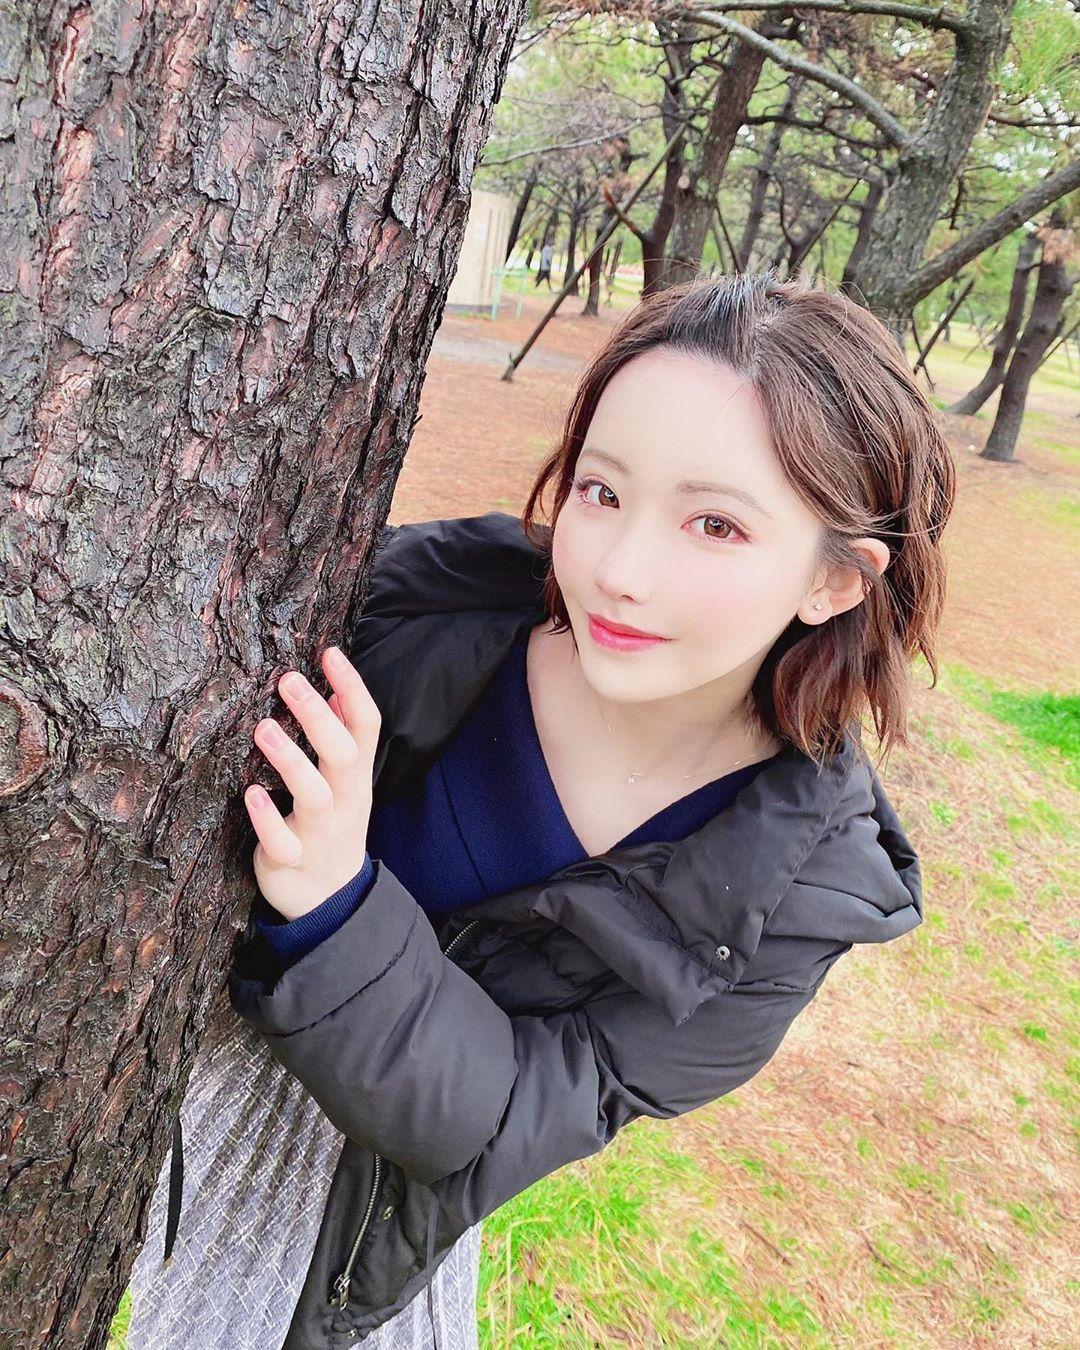 疯狂!深田咏美分享火辣照片,竟然被男粉丝跟踪 第16张